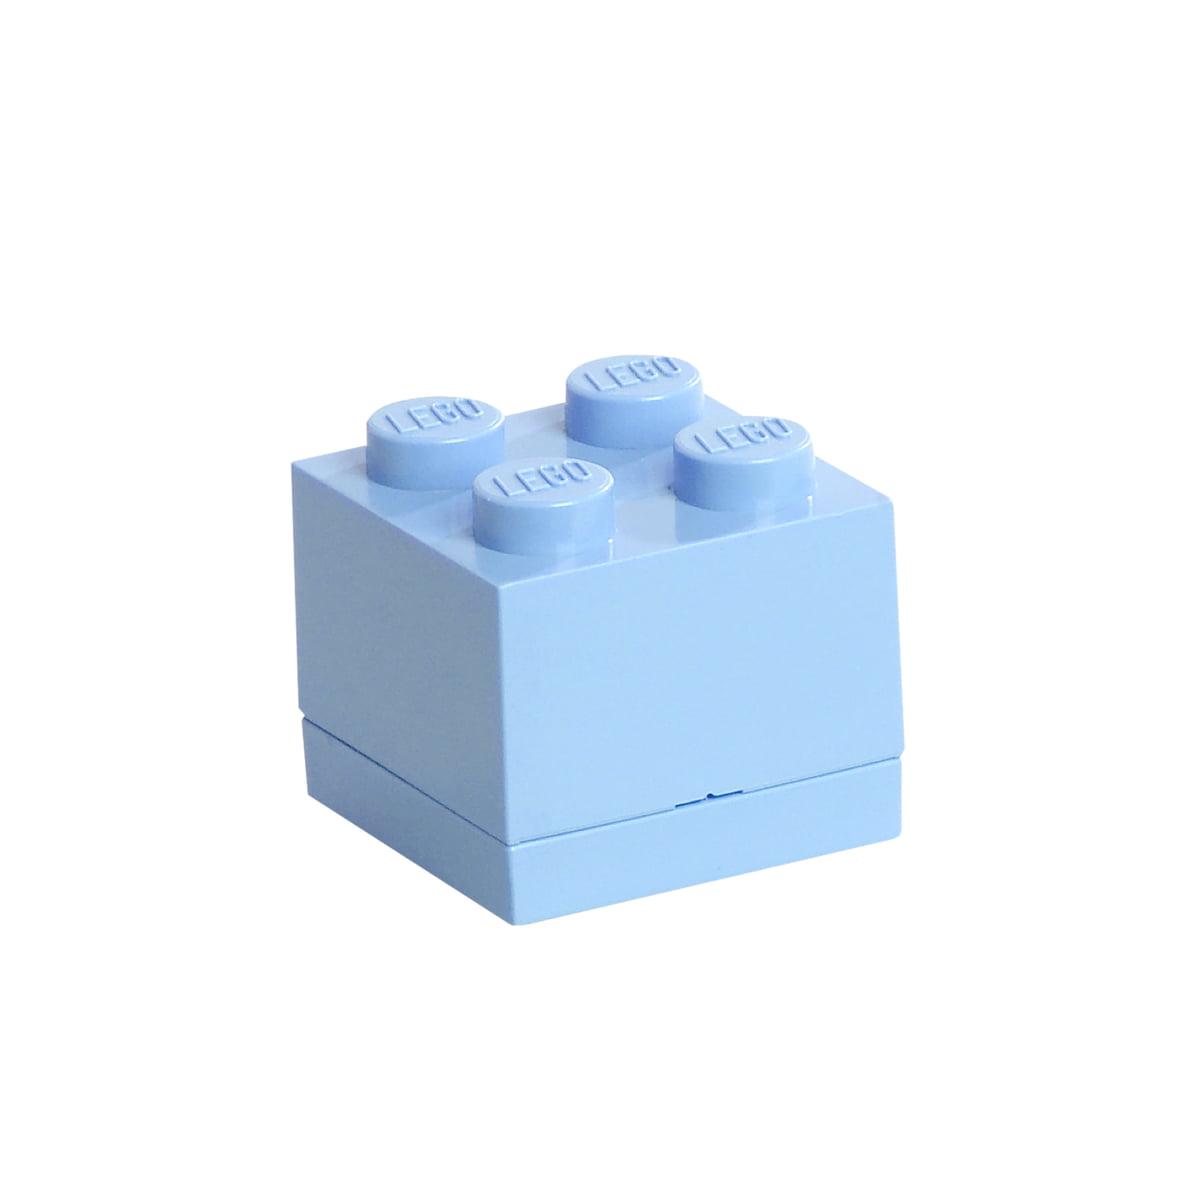 Lego - Mini-Box 4, hellblau   Kinderzimmer > Spielzeuge > Sonstige Spielzeuge   Lego